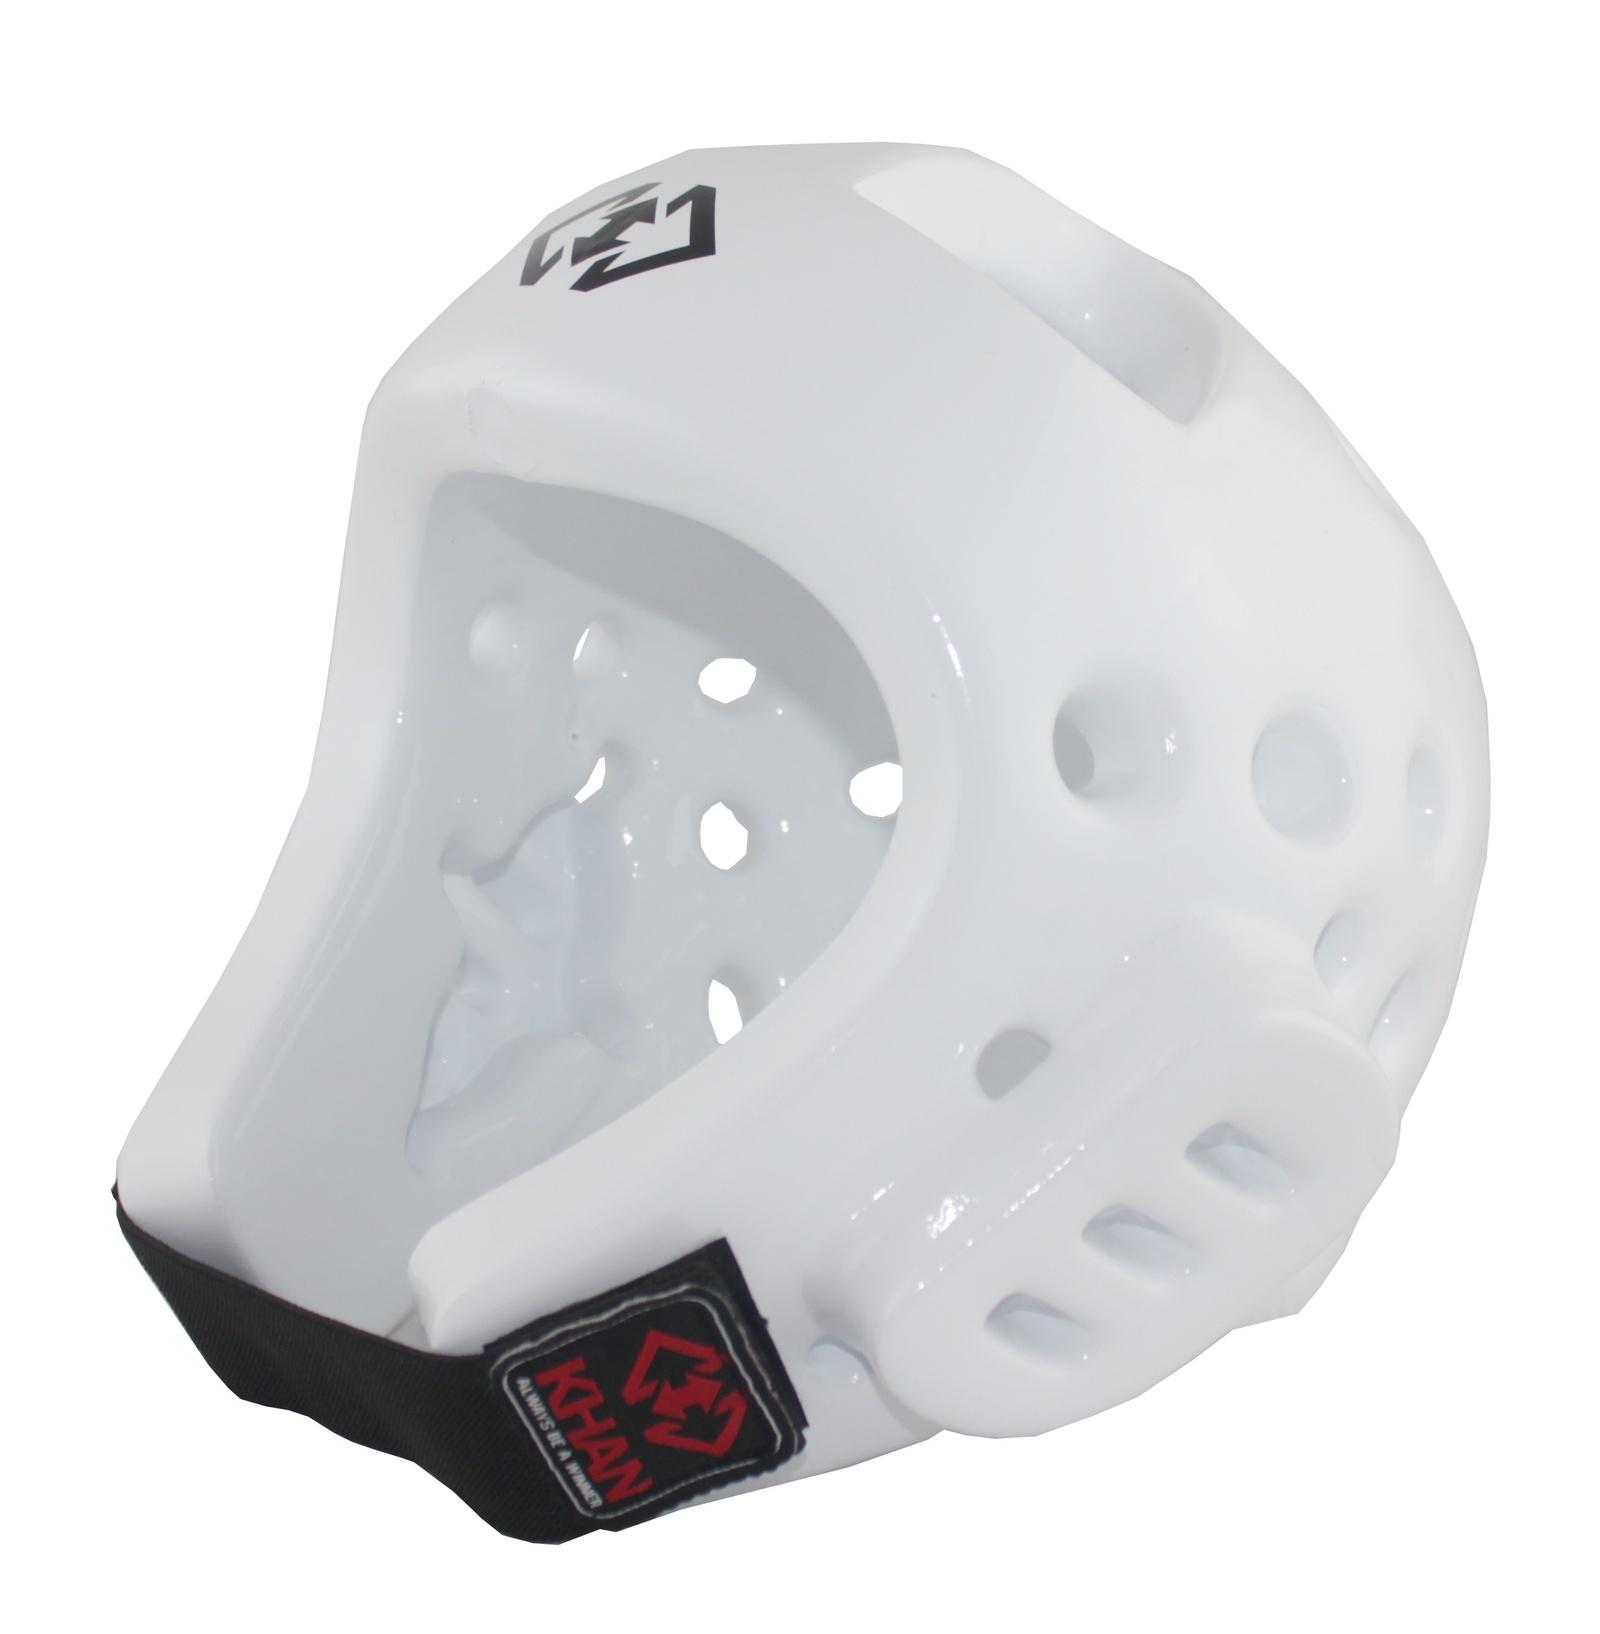 Защита головы (шлем) Khan Club белый, цвет: белый. E1106801_1. Размер XS кроссовки khan белый 36 размер